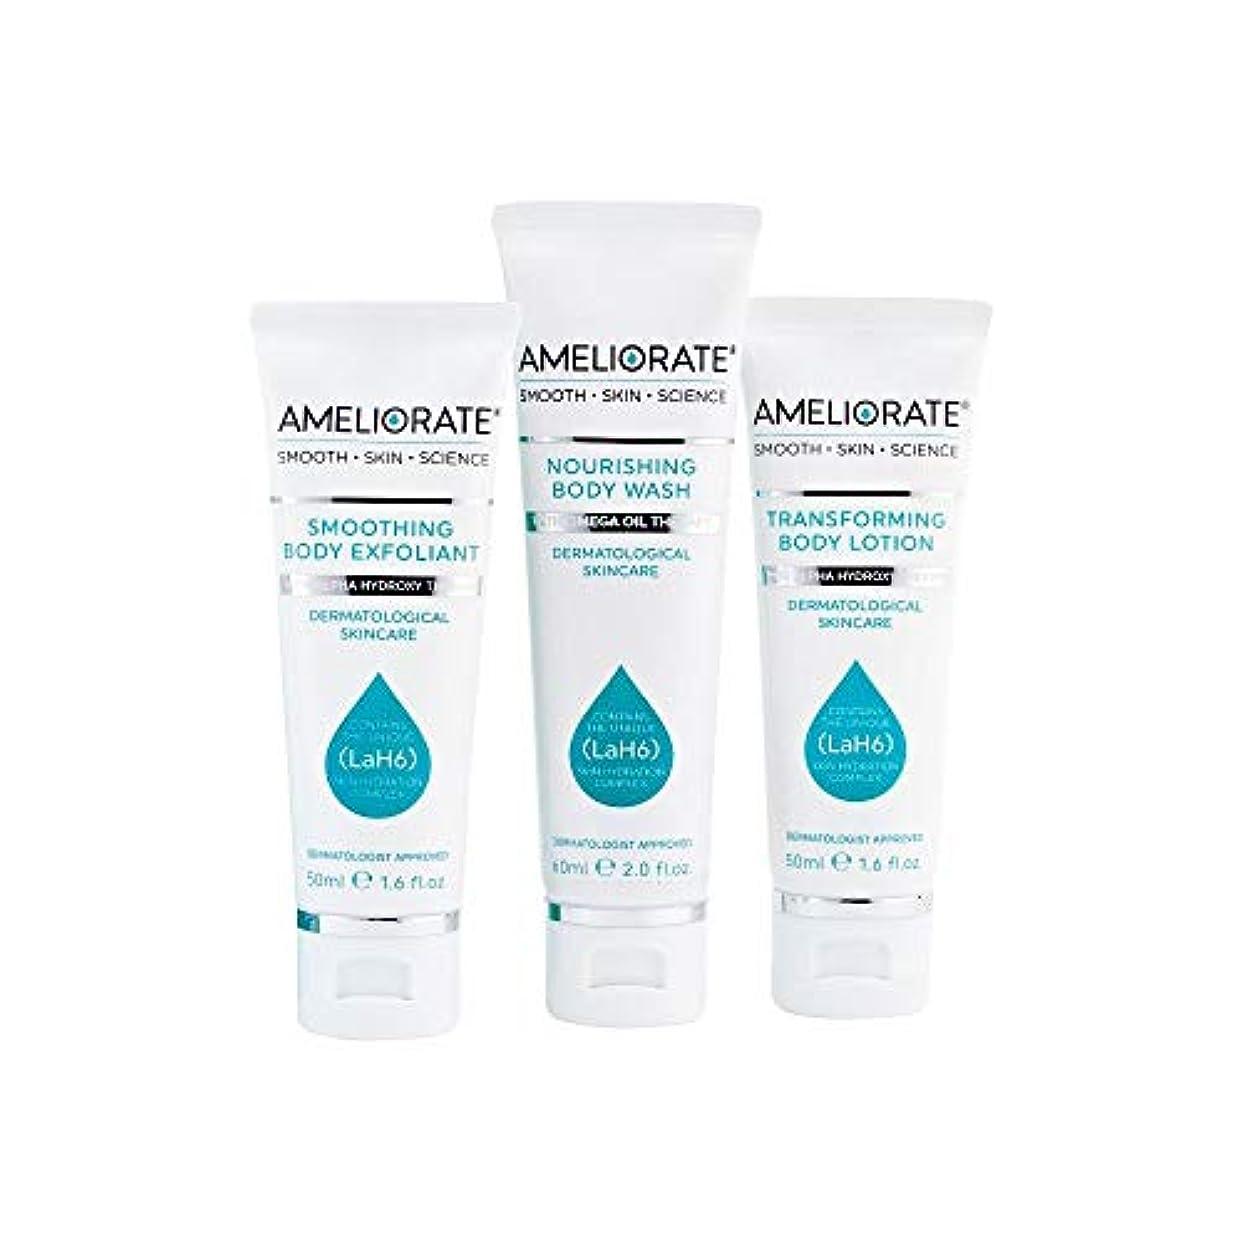 構造的時計回り週間[Ameliorate] 皮膚キットを滑らかにする3つのステップを改善 - Ameliorate 3 Steps to Smooth Skin Kit [並行輸入品]